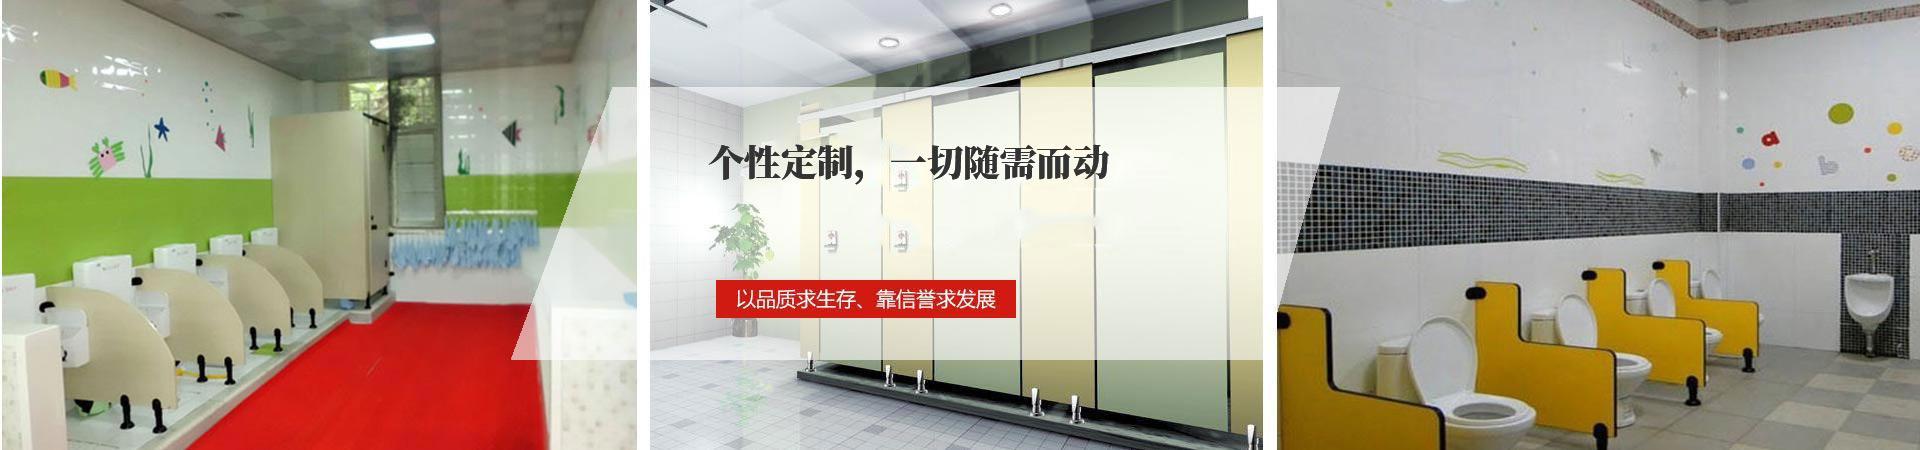 天津11选5官网